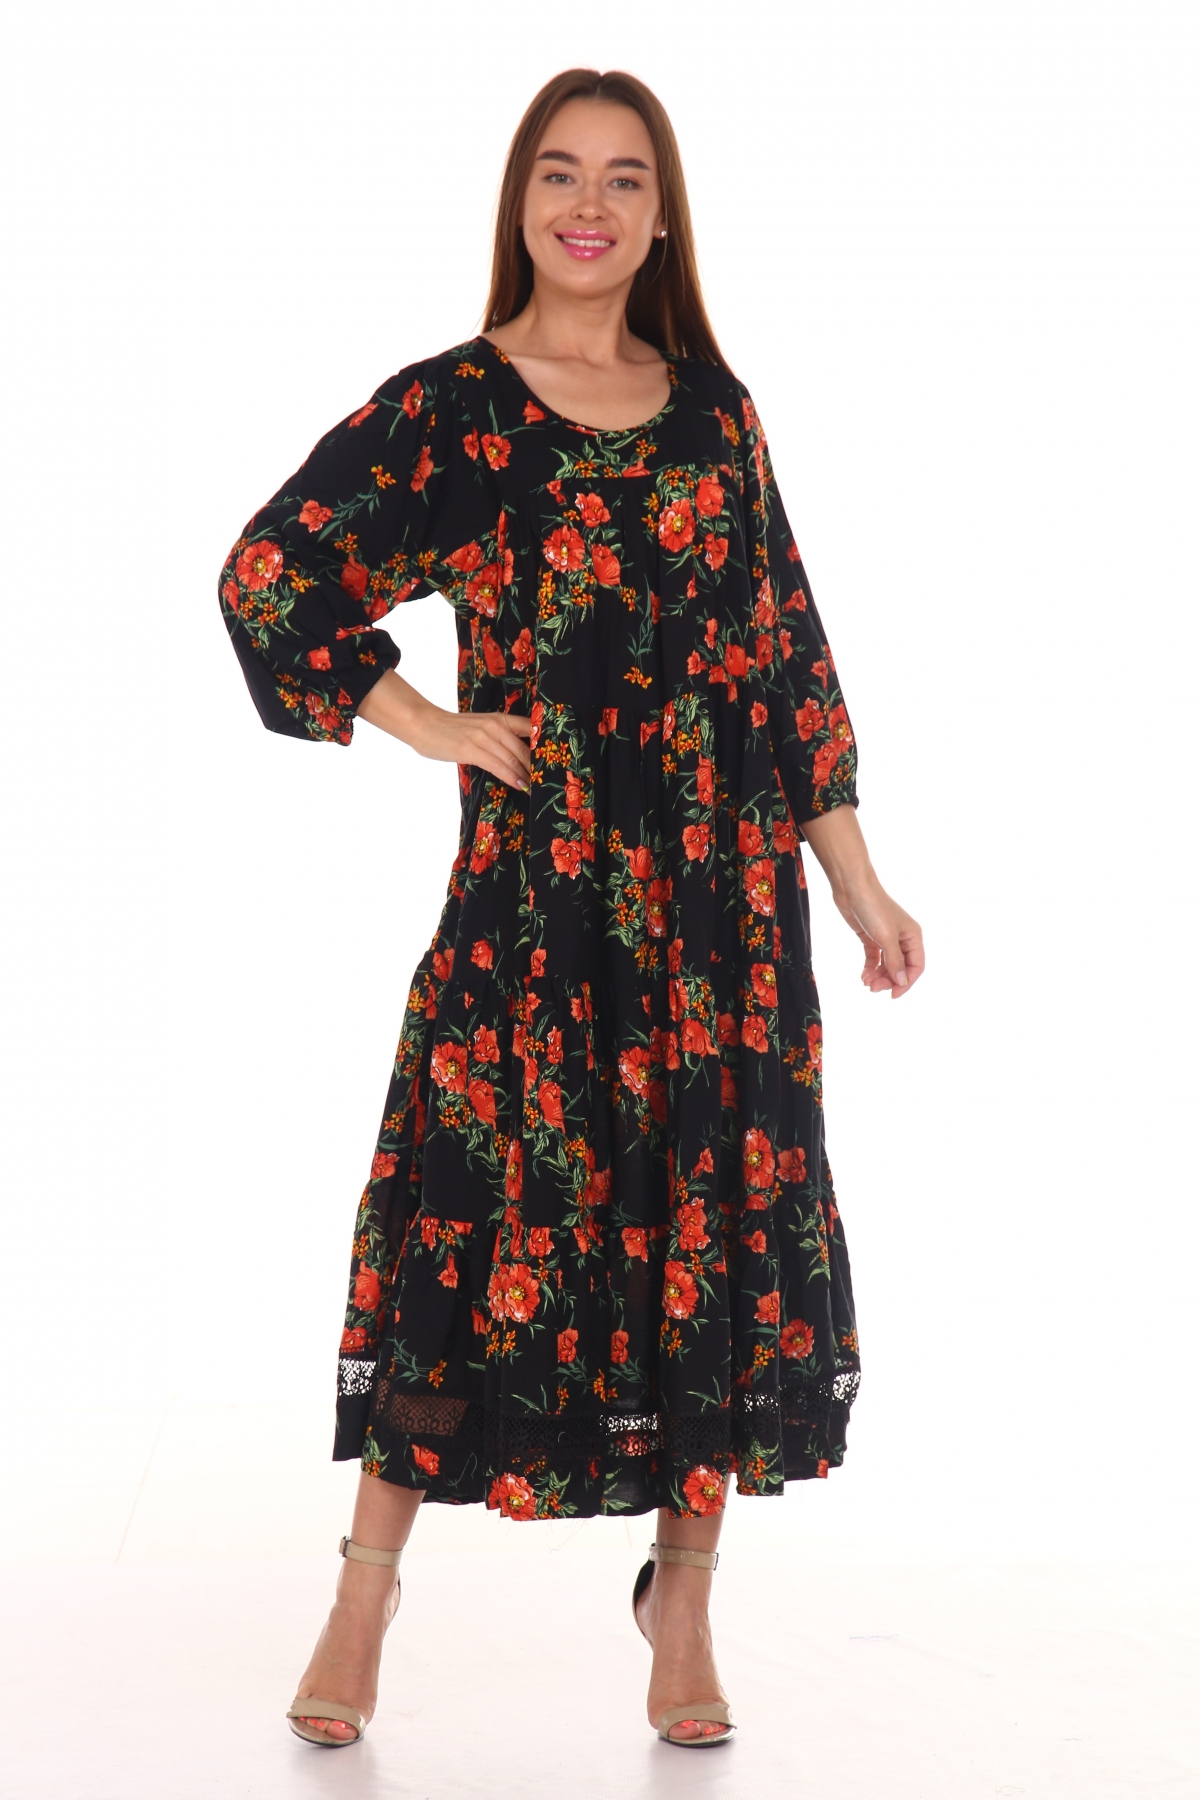 Платье повседневное с черным кружевом, принт красные розы